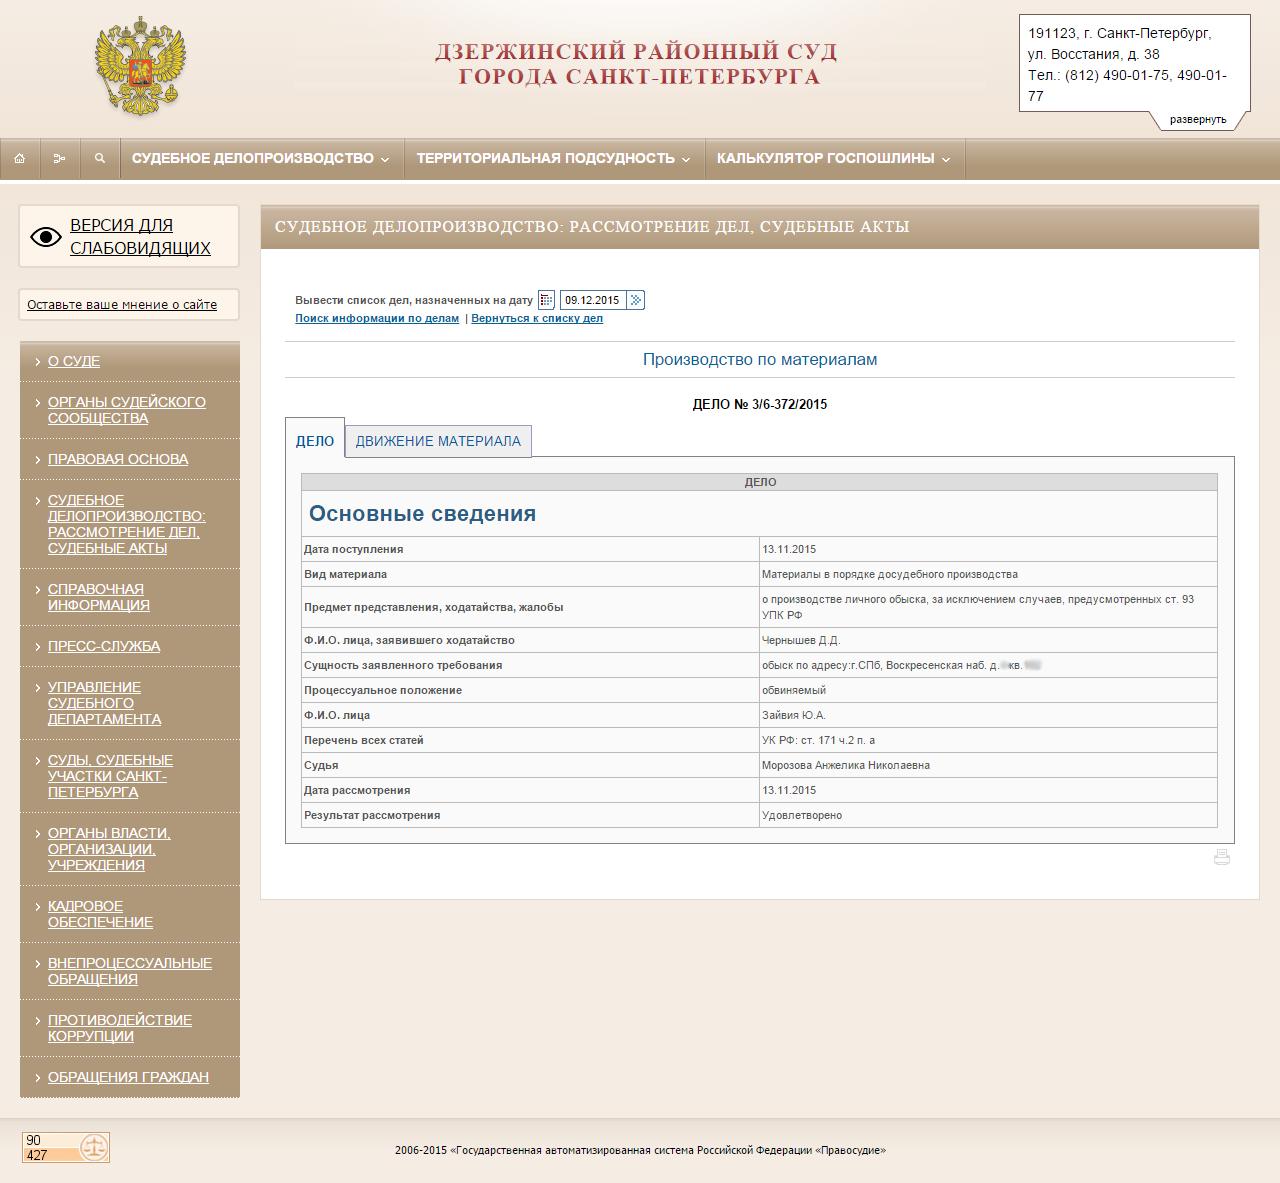 Прозрачные обыски Петербурга (Иллюстрация 9 из 9) (Фото: скриншот сайта суда)